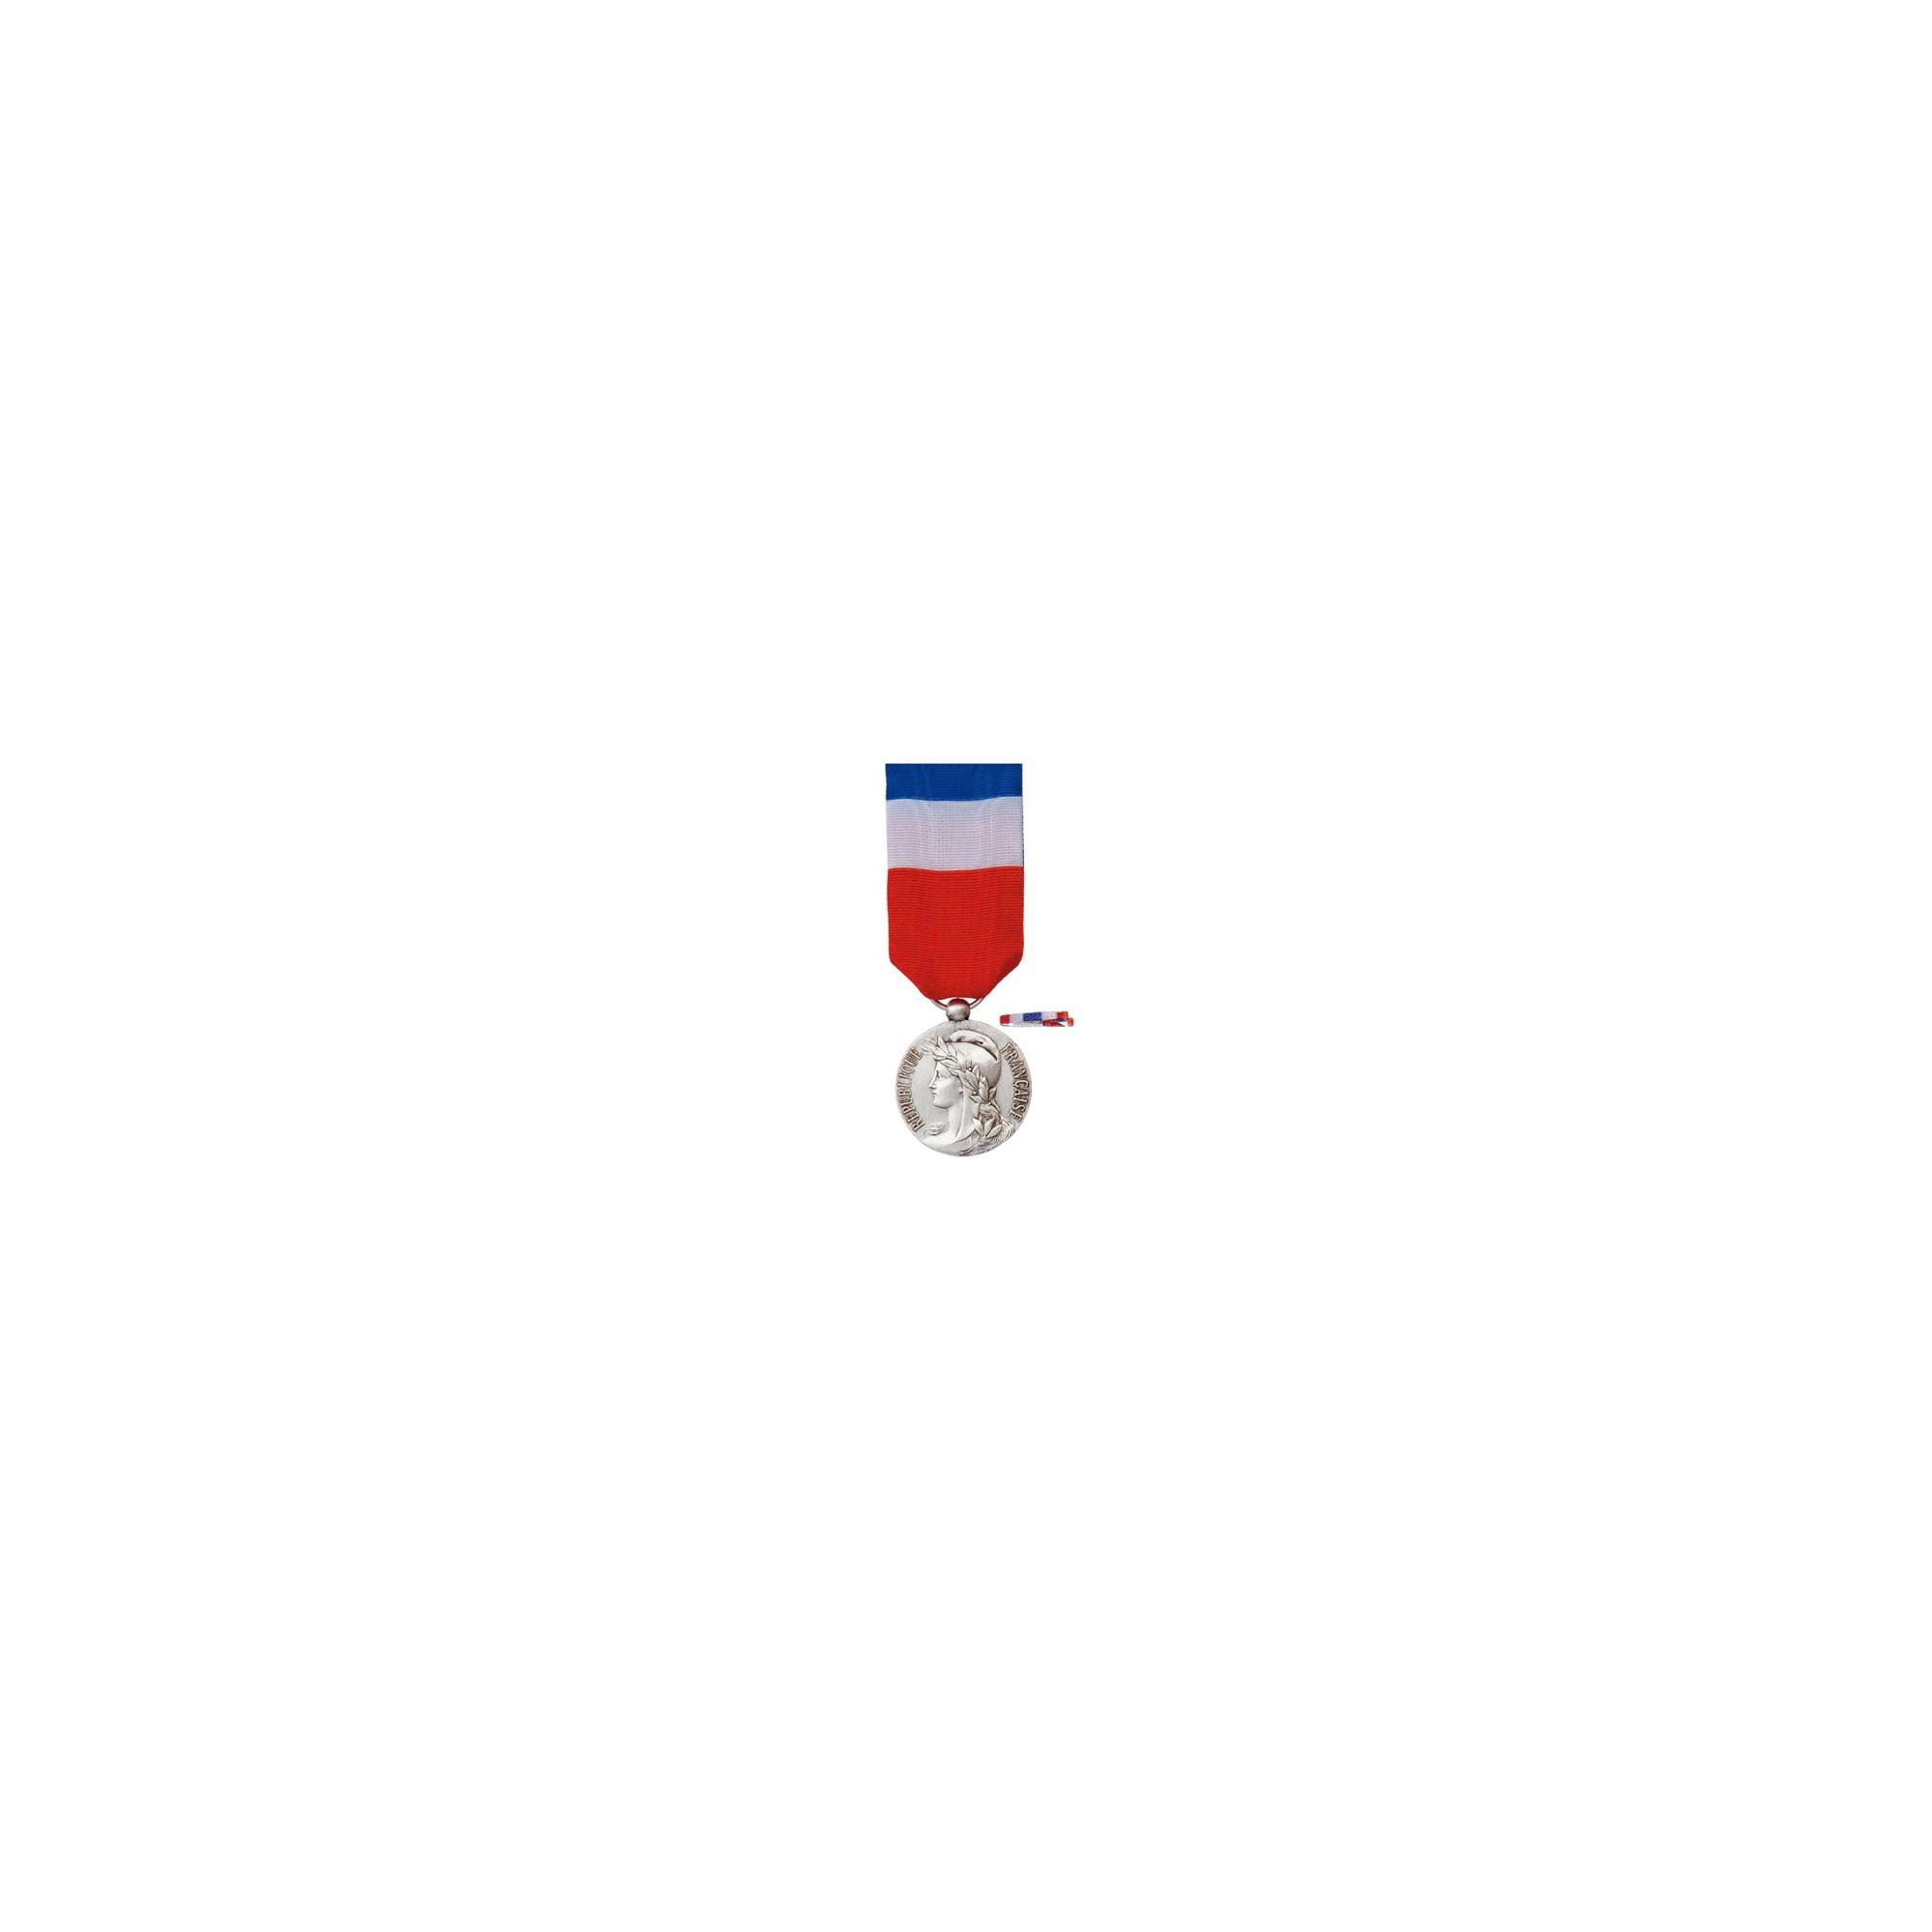 Médaille d'Honneur du Travail - Argent